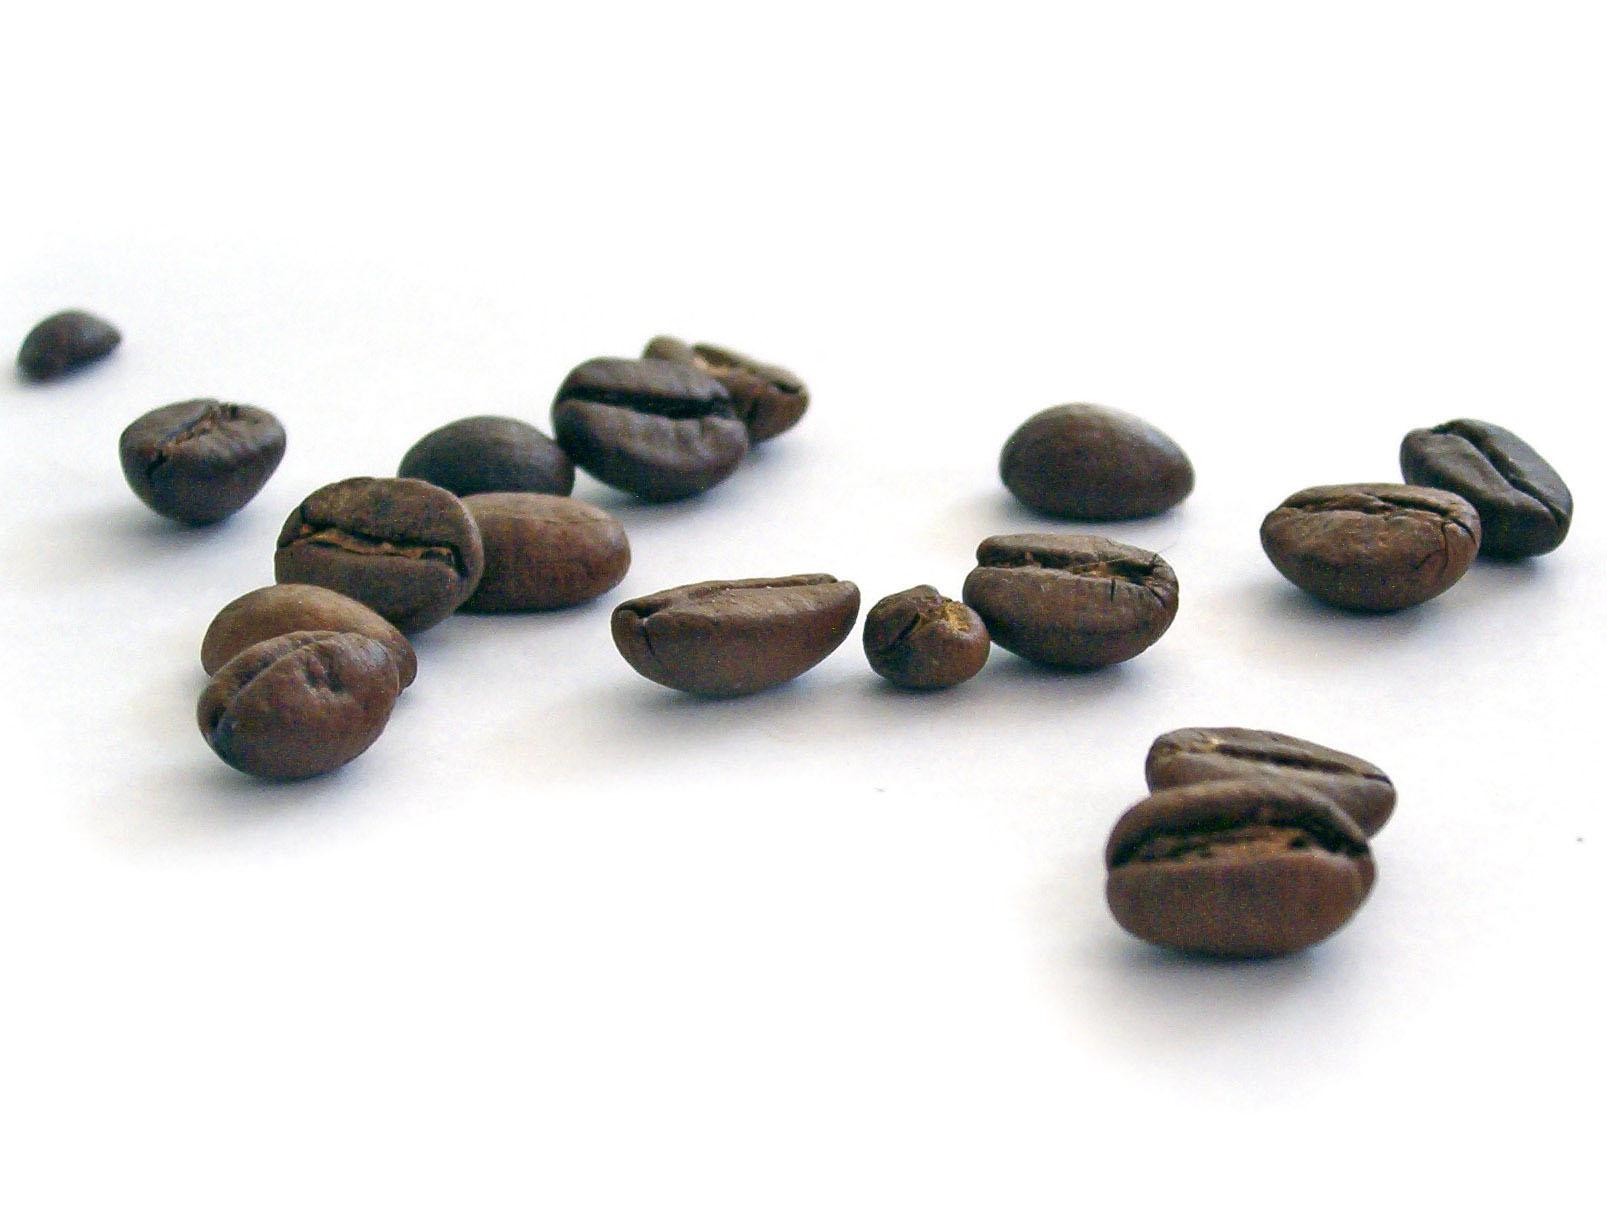 кофе в зернах, кофе купить в Москве, кофе зерно, кофе зерновой, кофе, кофе купить, кофе купить недорого, кофе купить оптом